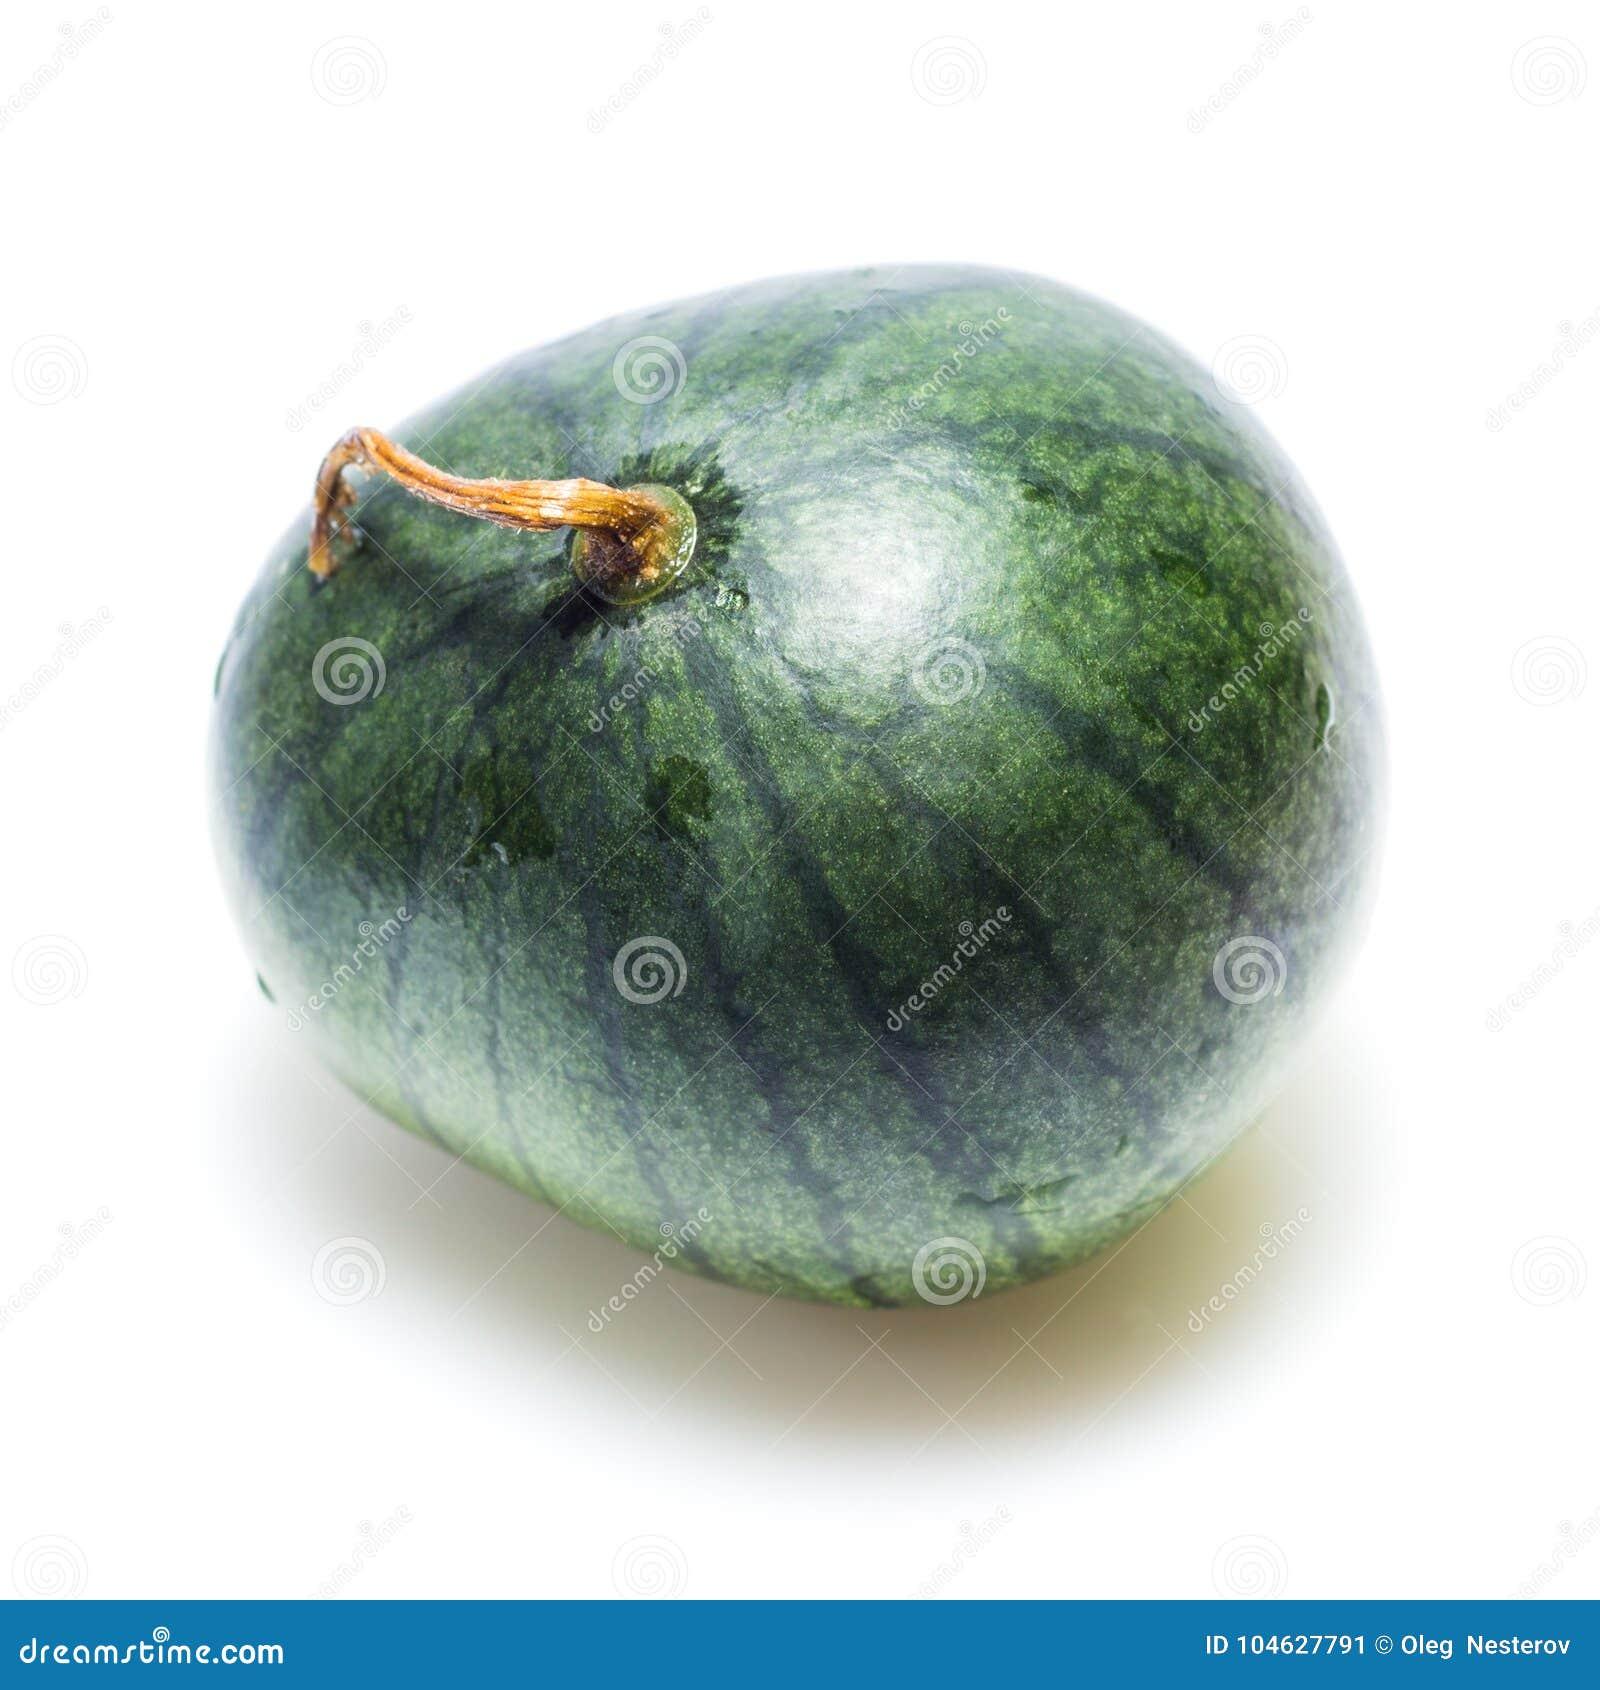 Download Watermeloen Met Dalingen Van Water Op Een Witte Achtergrond Stock Afbeelding - Afbeelding bestaande uit staart, achtergrond: 104627791